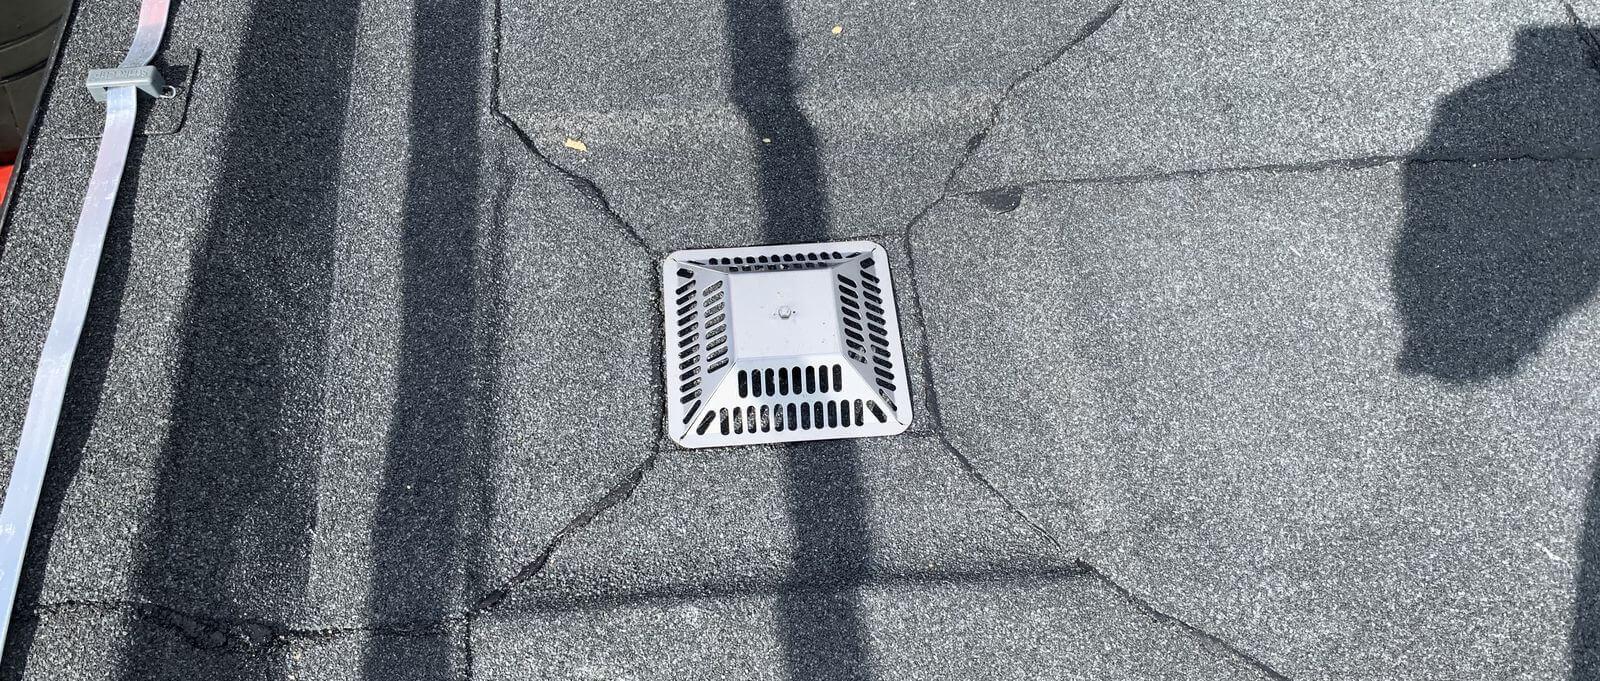 Roof_Repairs_img_3044_crop